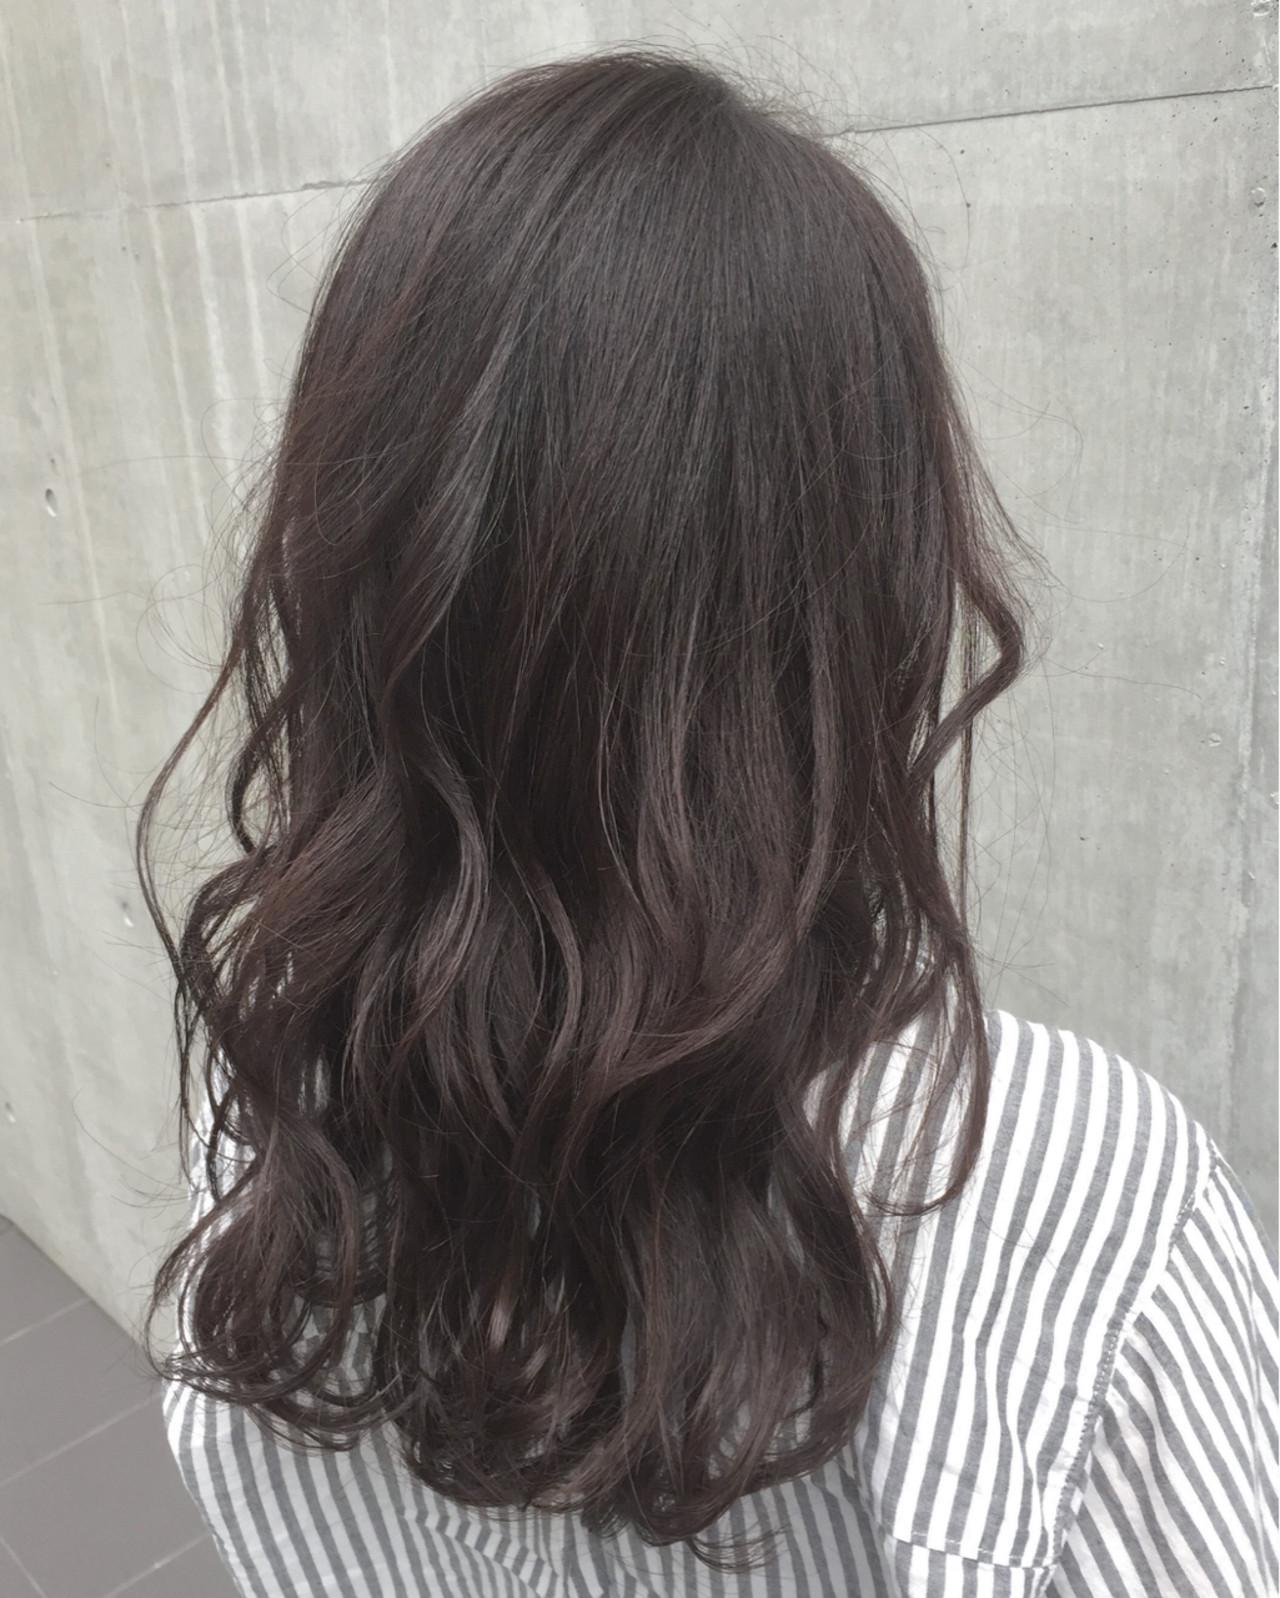 暗髪 パーマ セミロング ミディアム ヘアスタイルや髪型の写真・画像